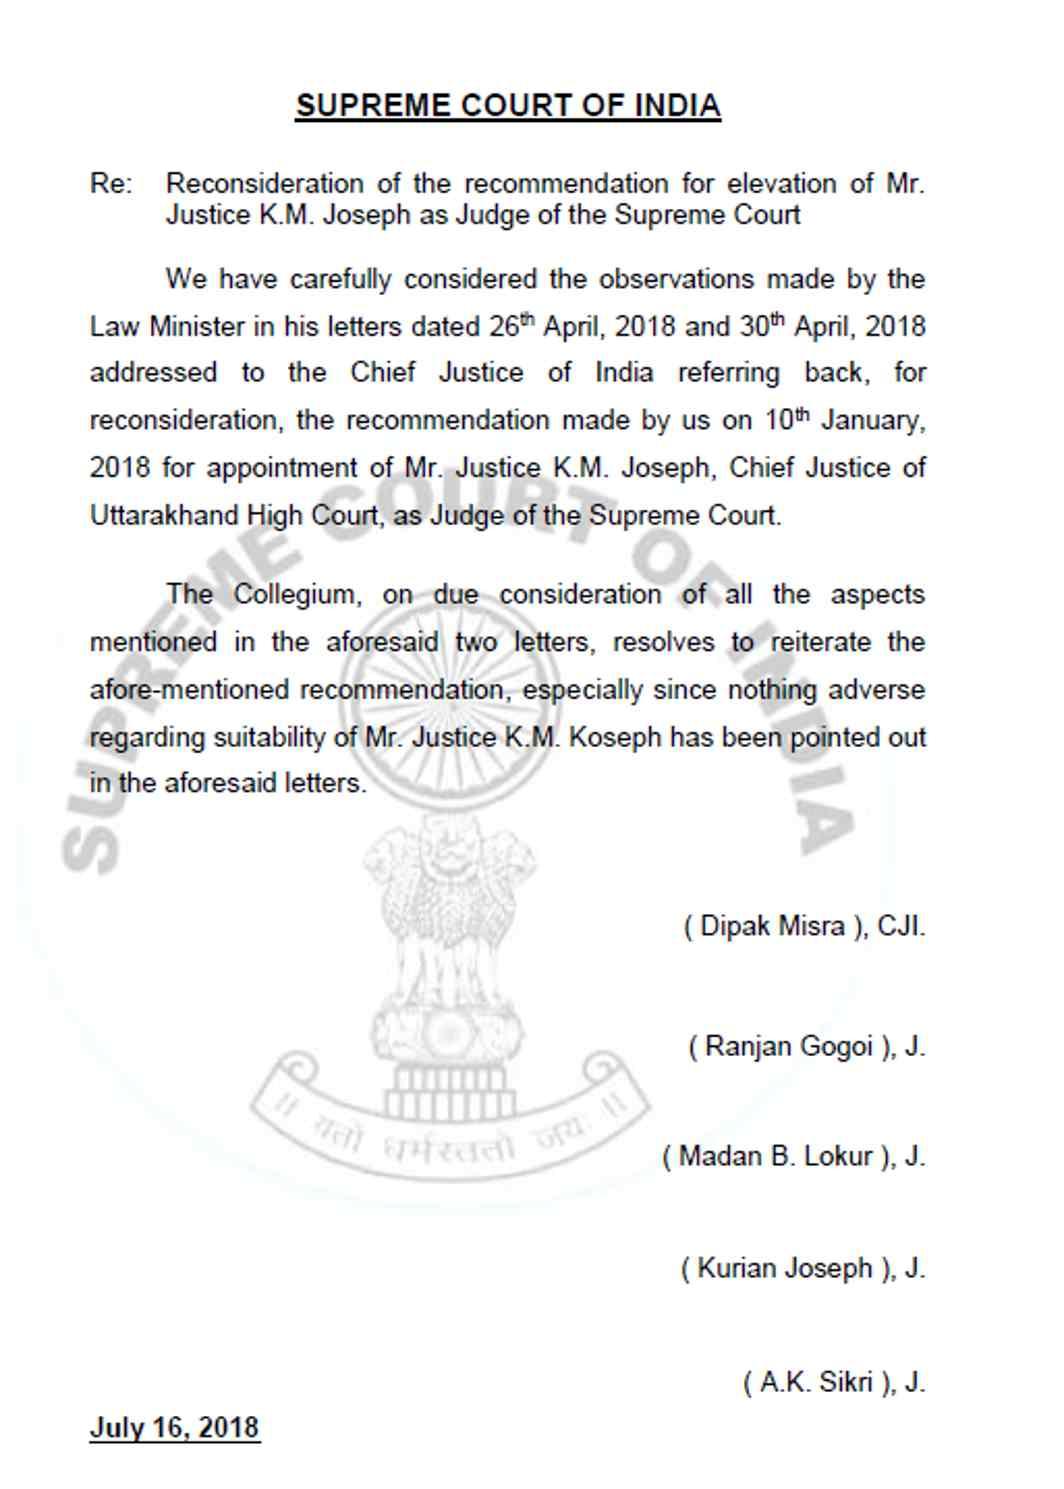 Collegium-recommendations-521